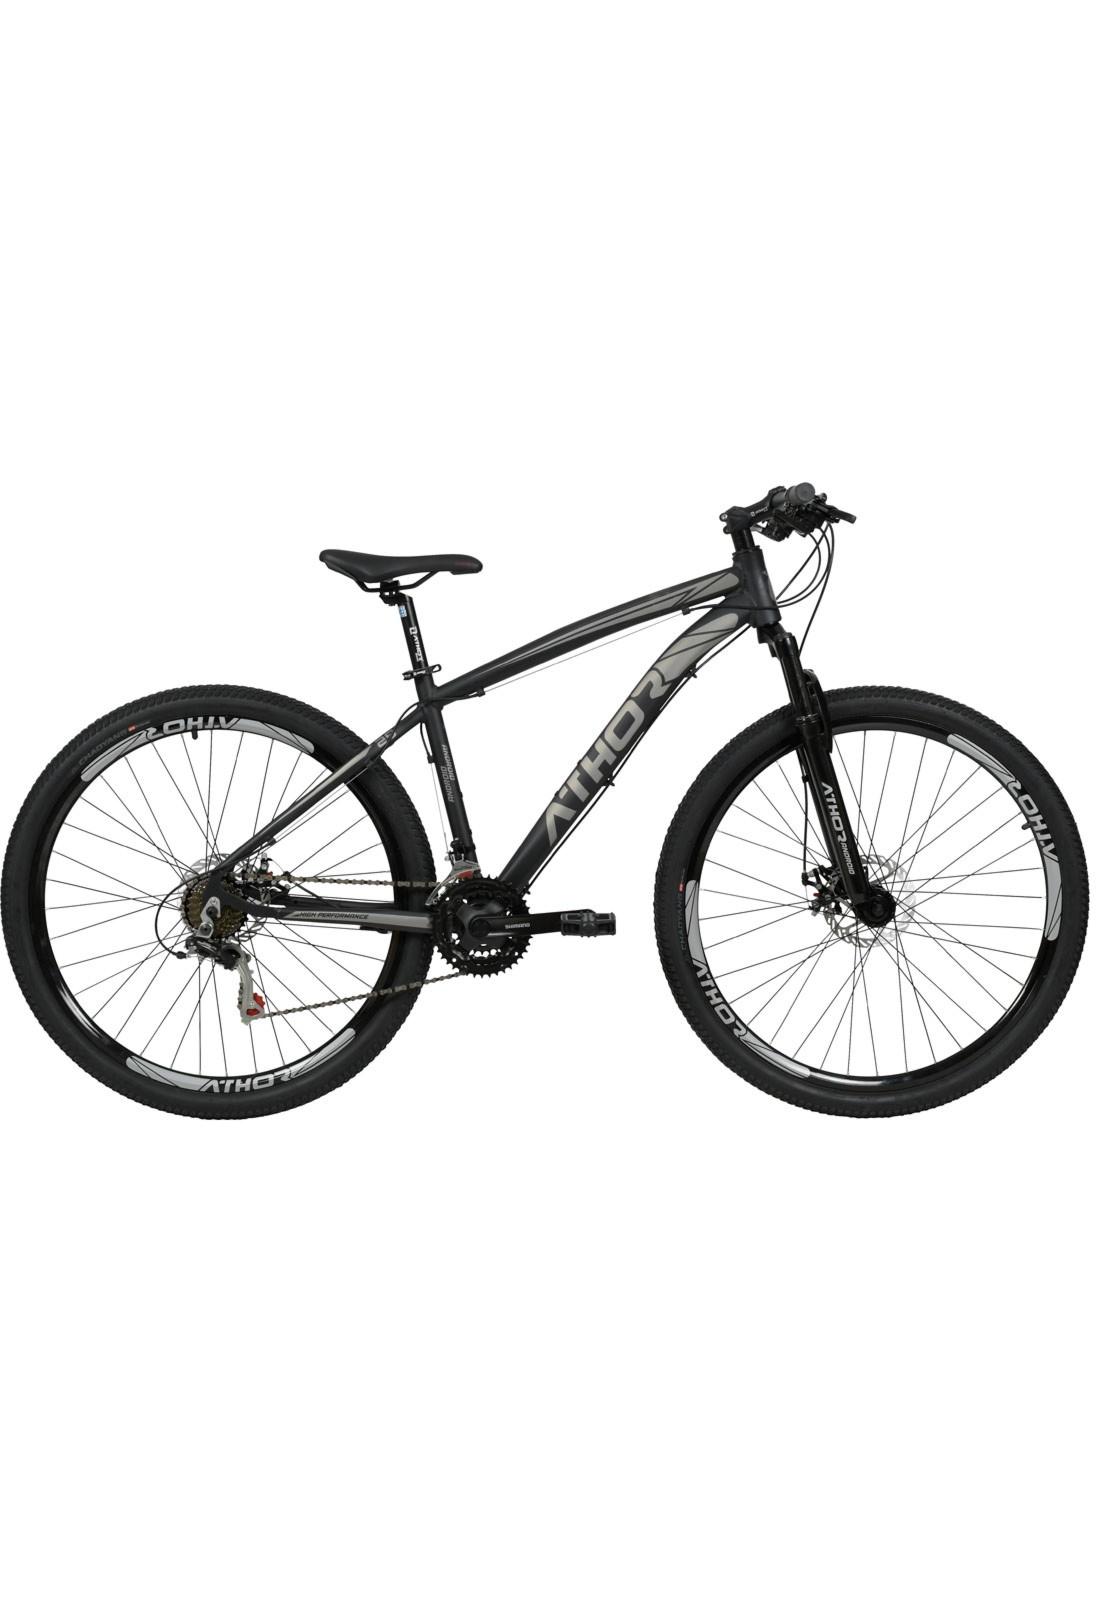 Bicicleta Athor Android Sh Tourney T17 A29 Grafite